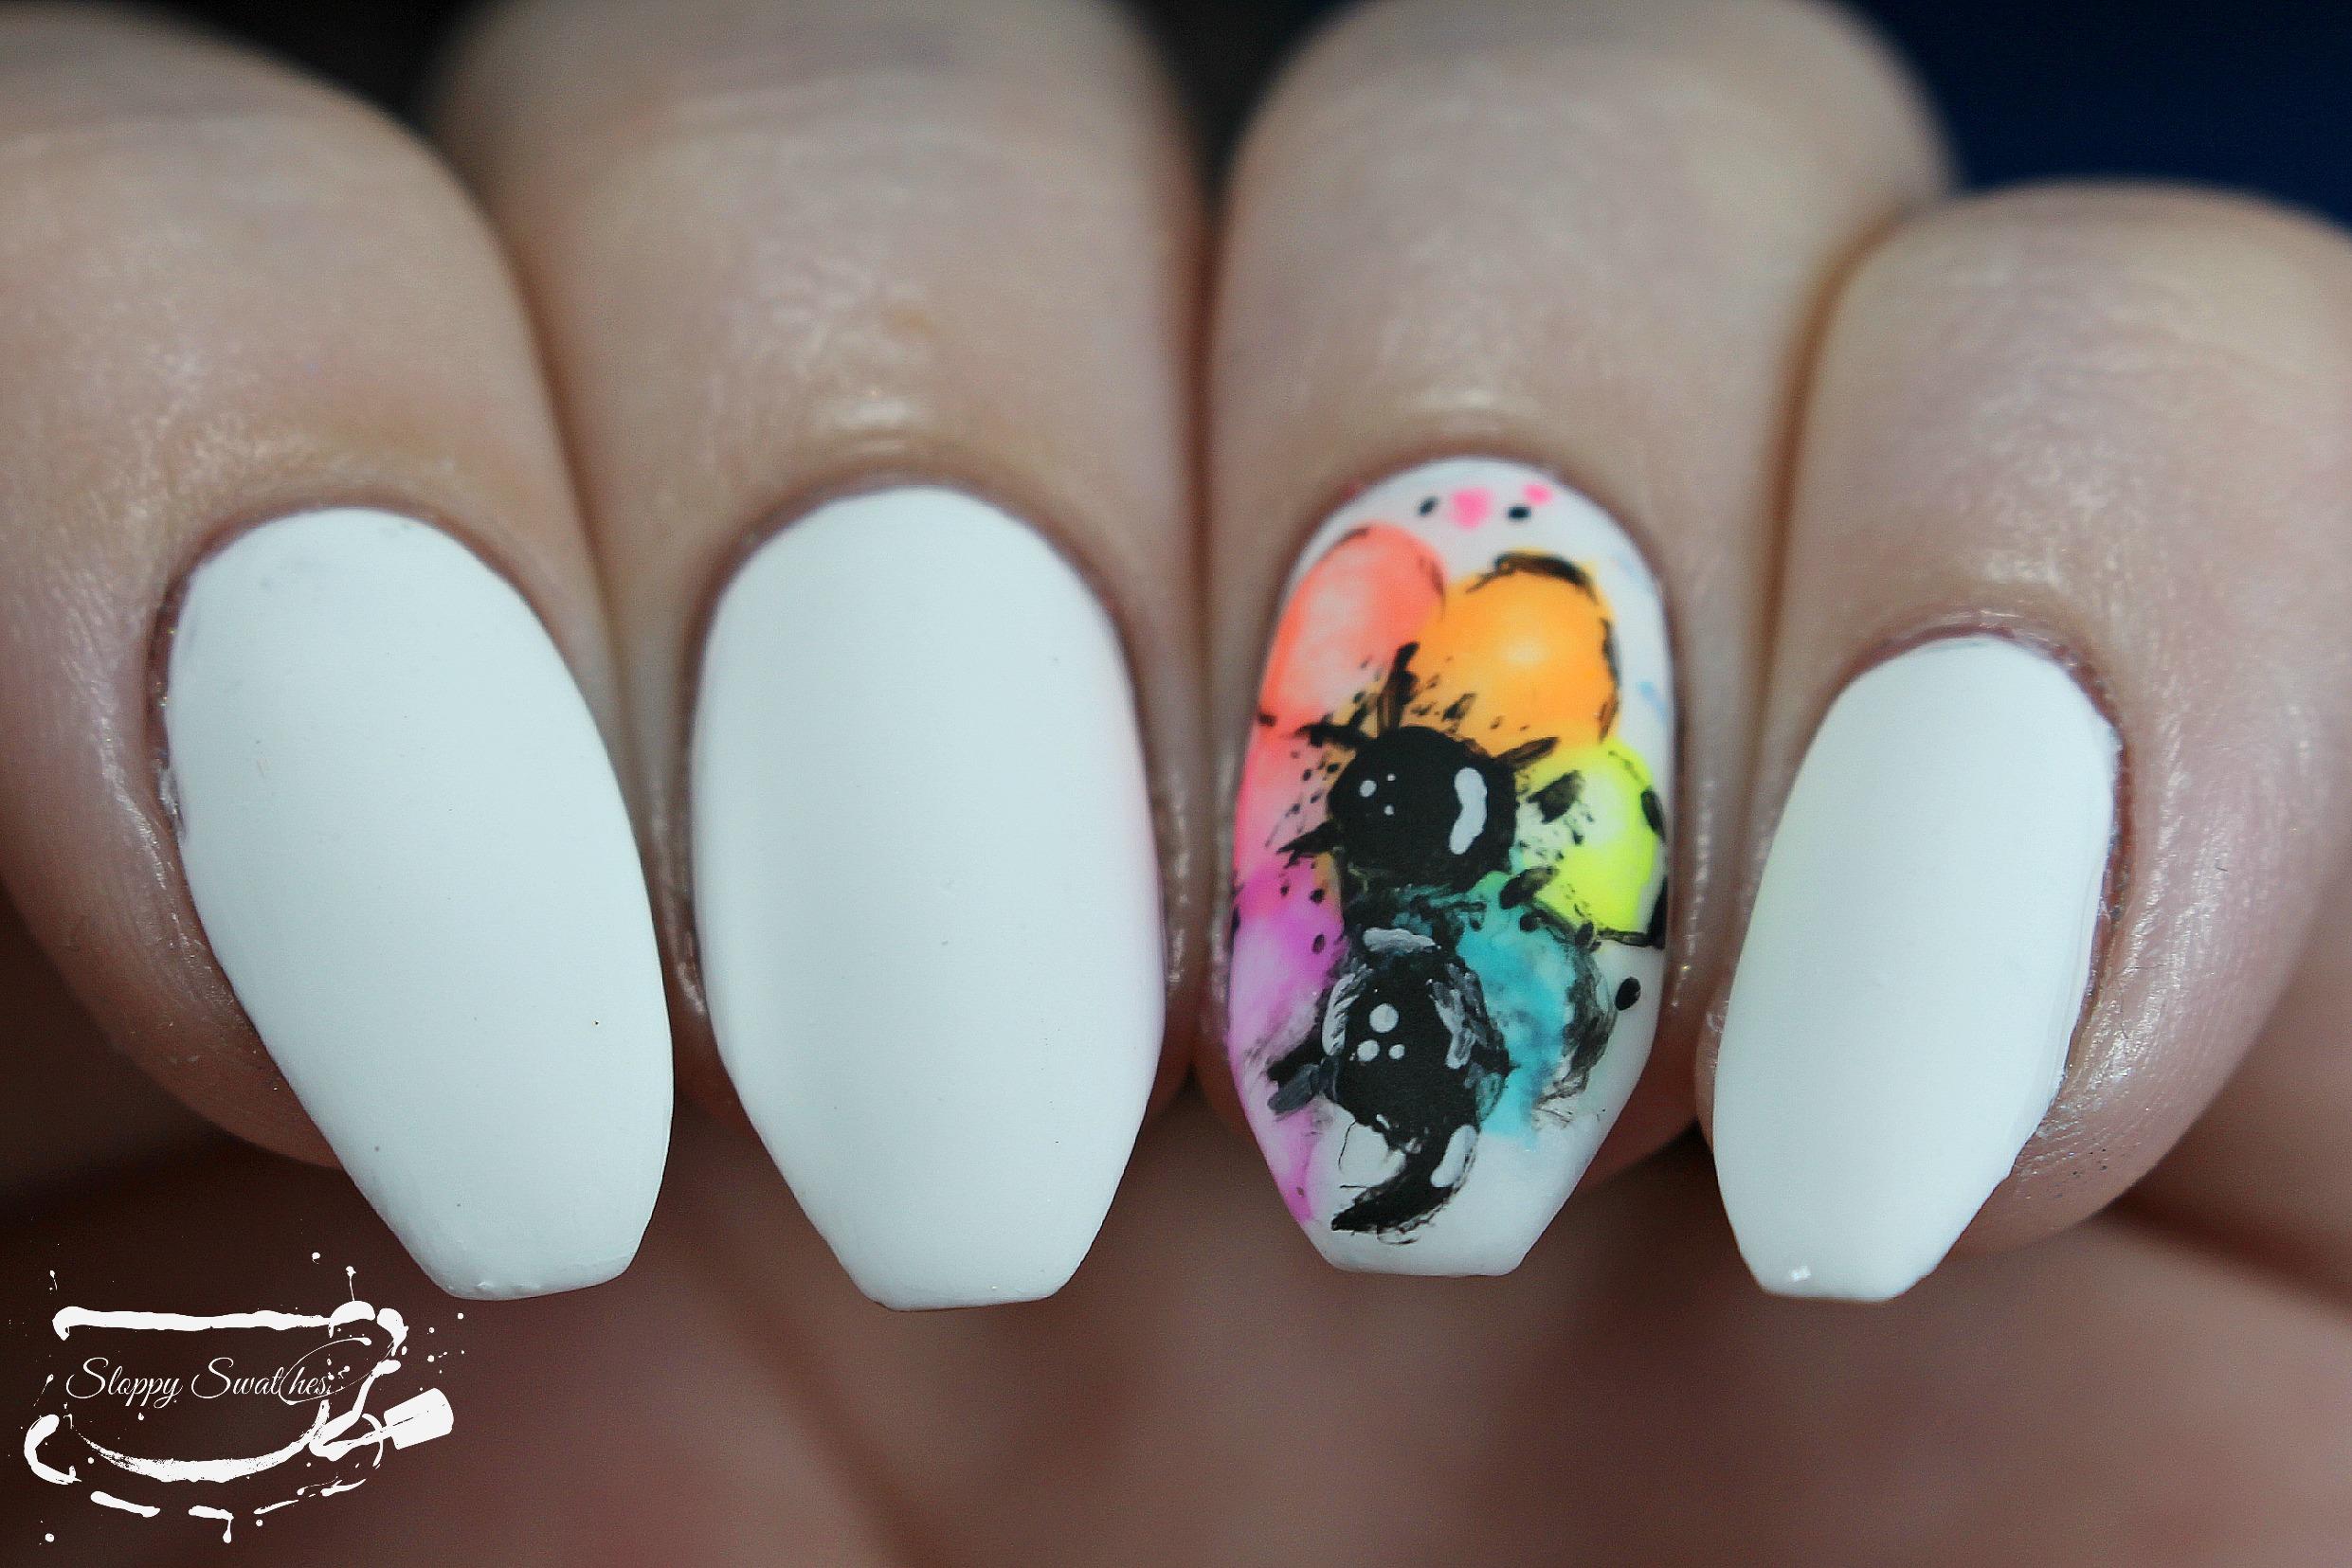 Nailart | Flowers For Skepti Depression Awareness Nails – Nail art ...